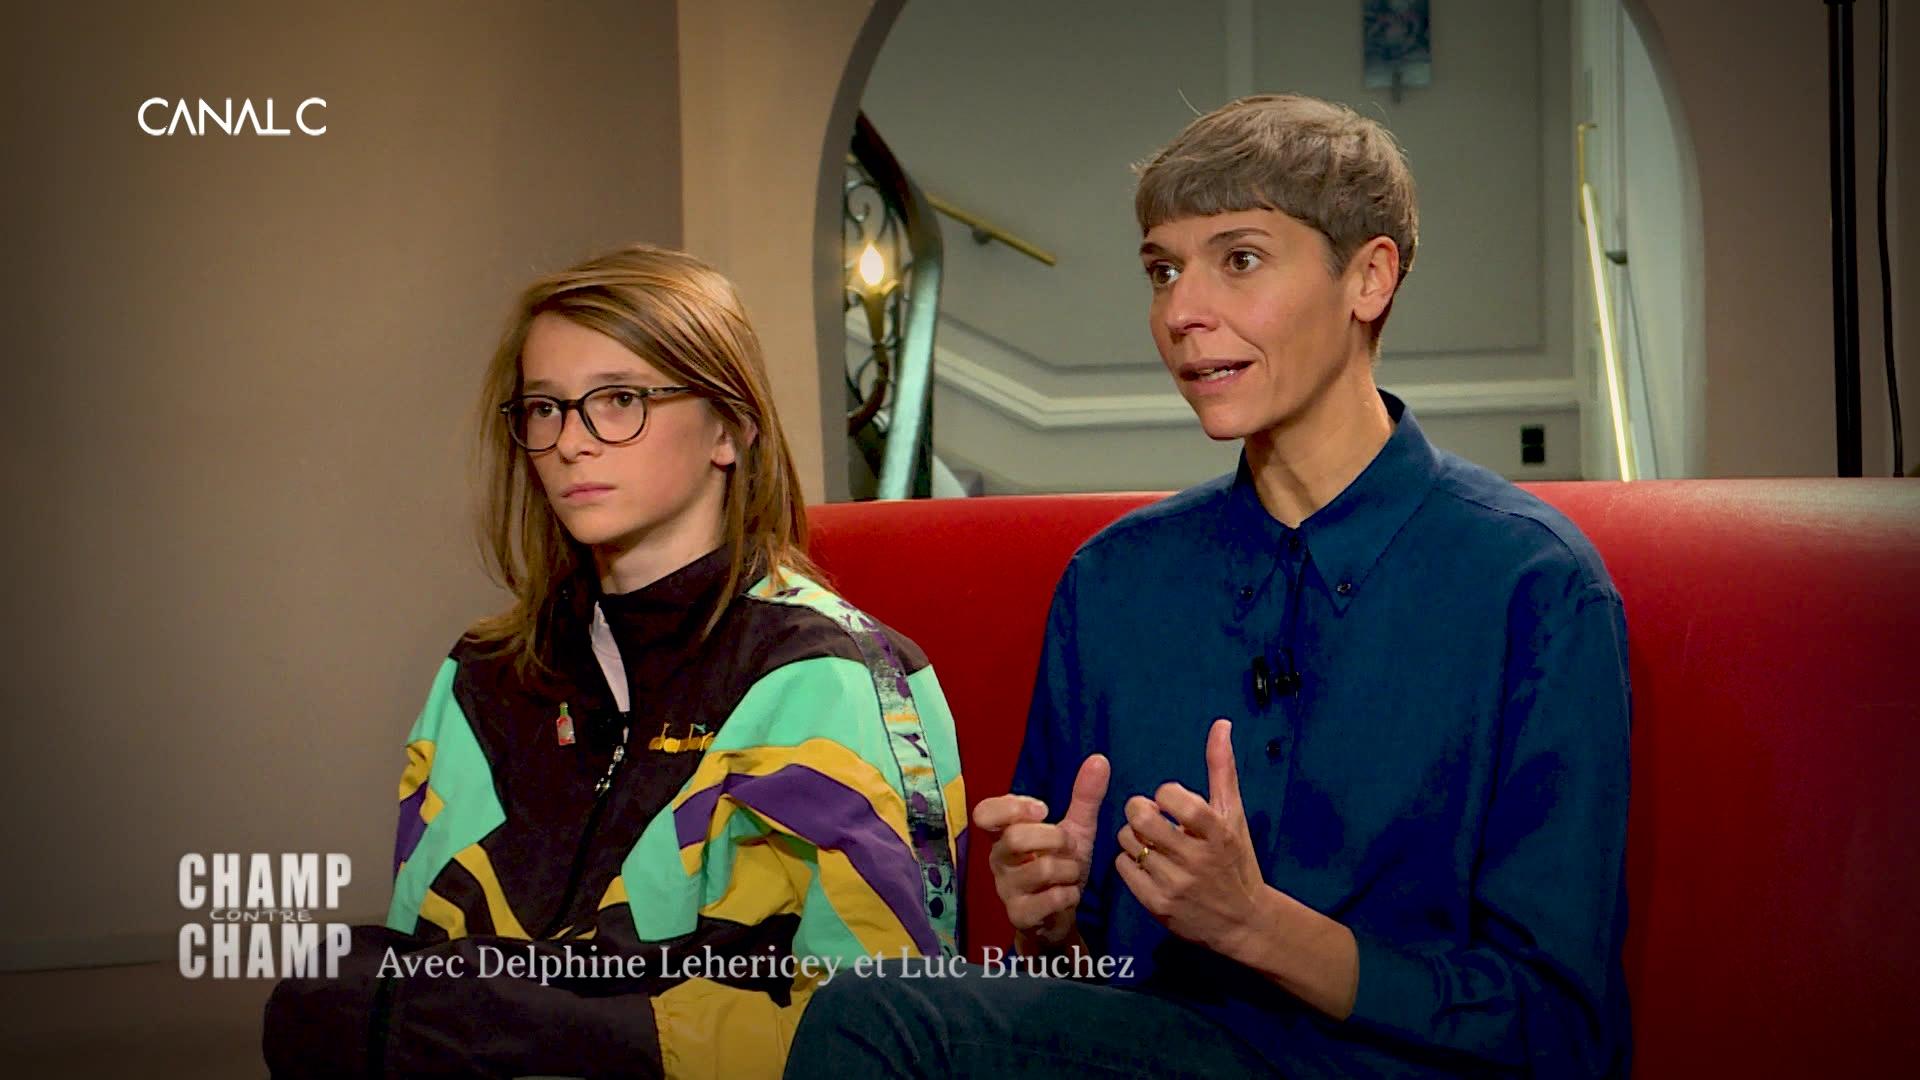 Delphine Lehericey et Luc Bruchez